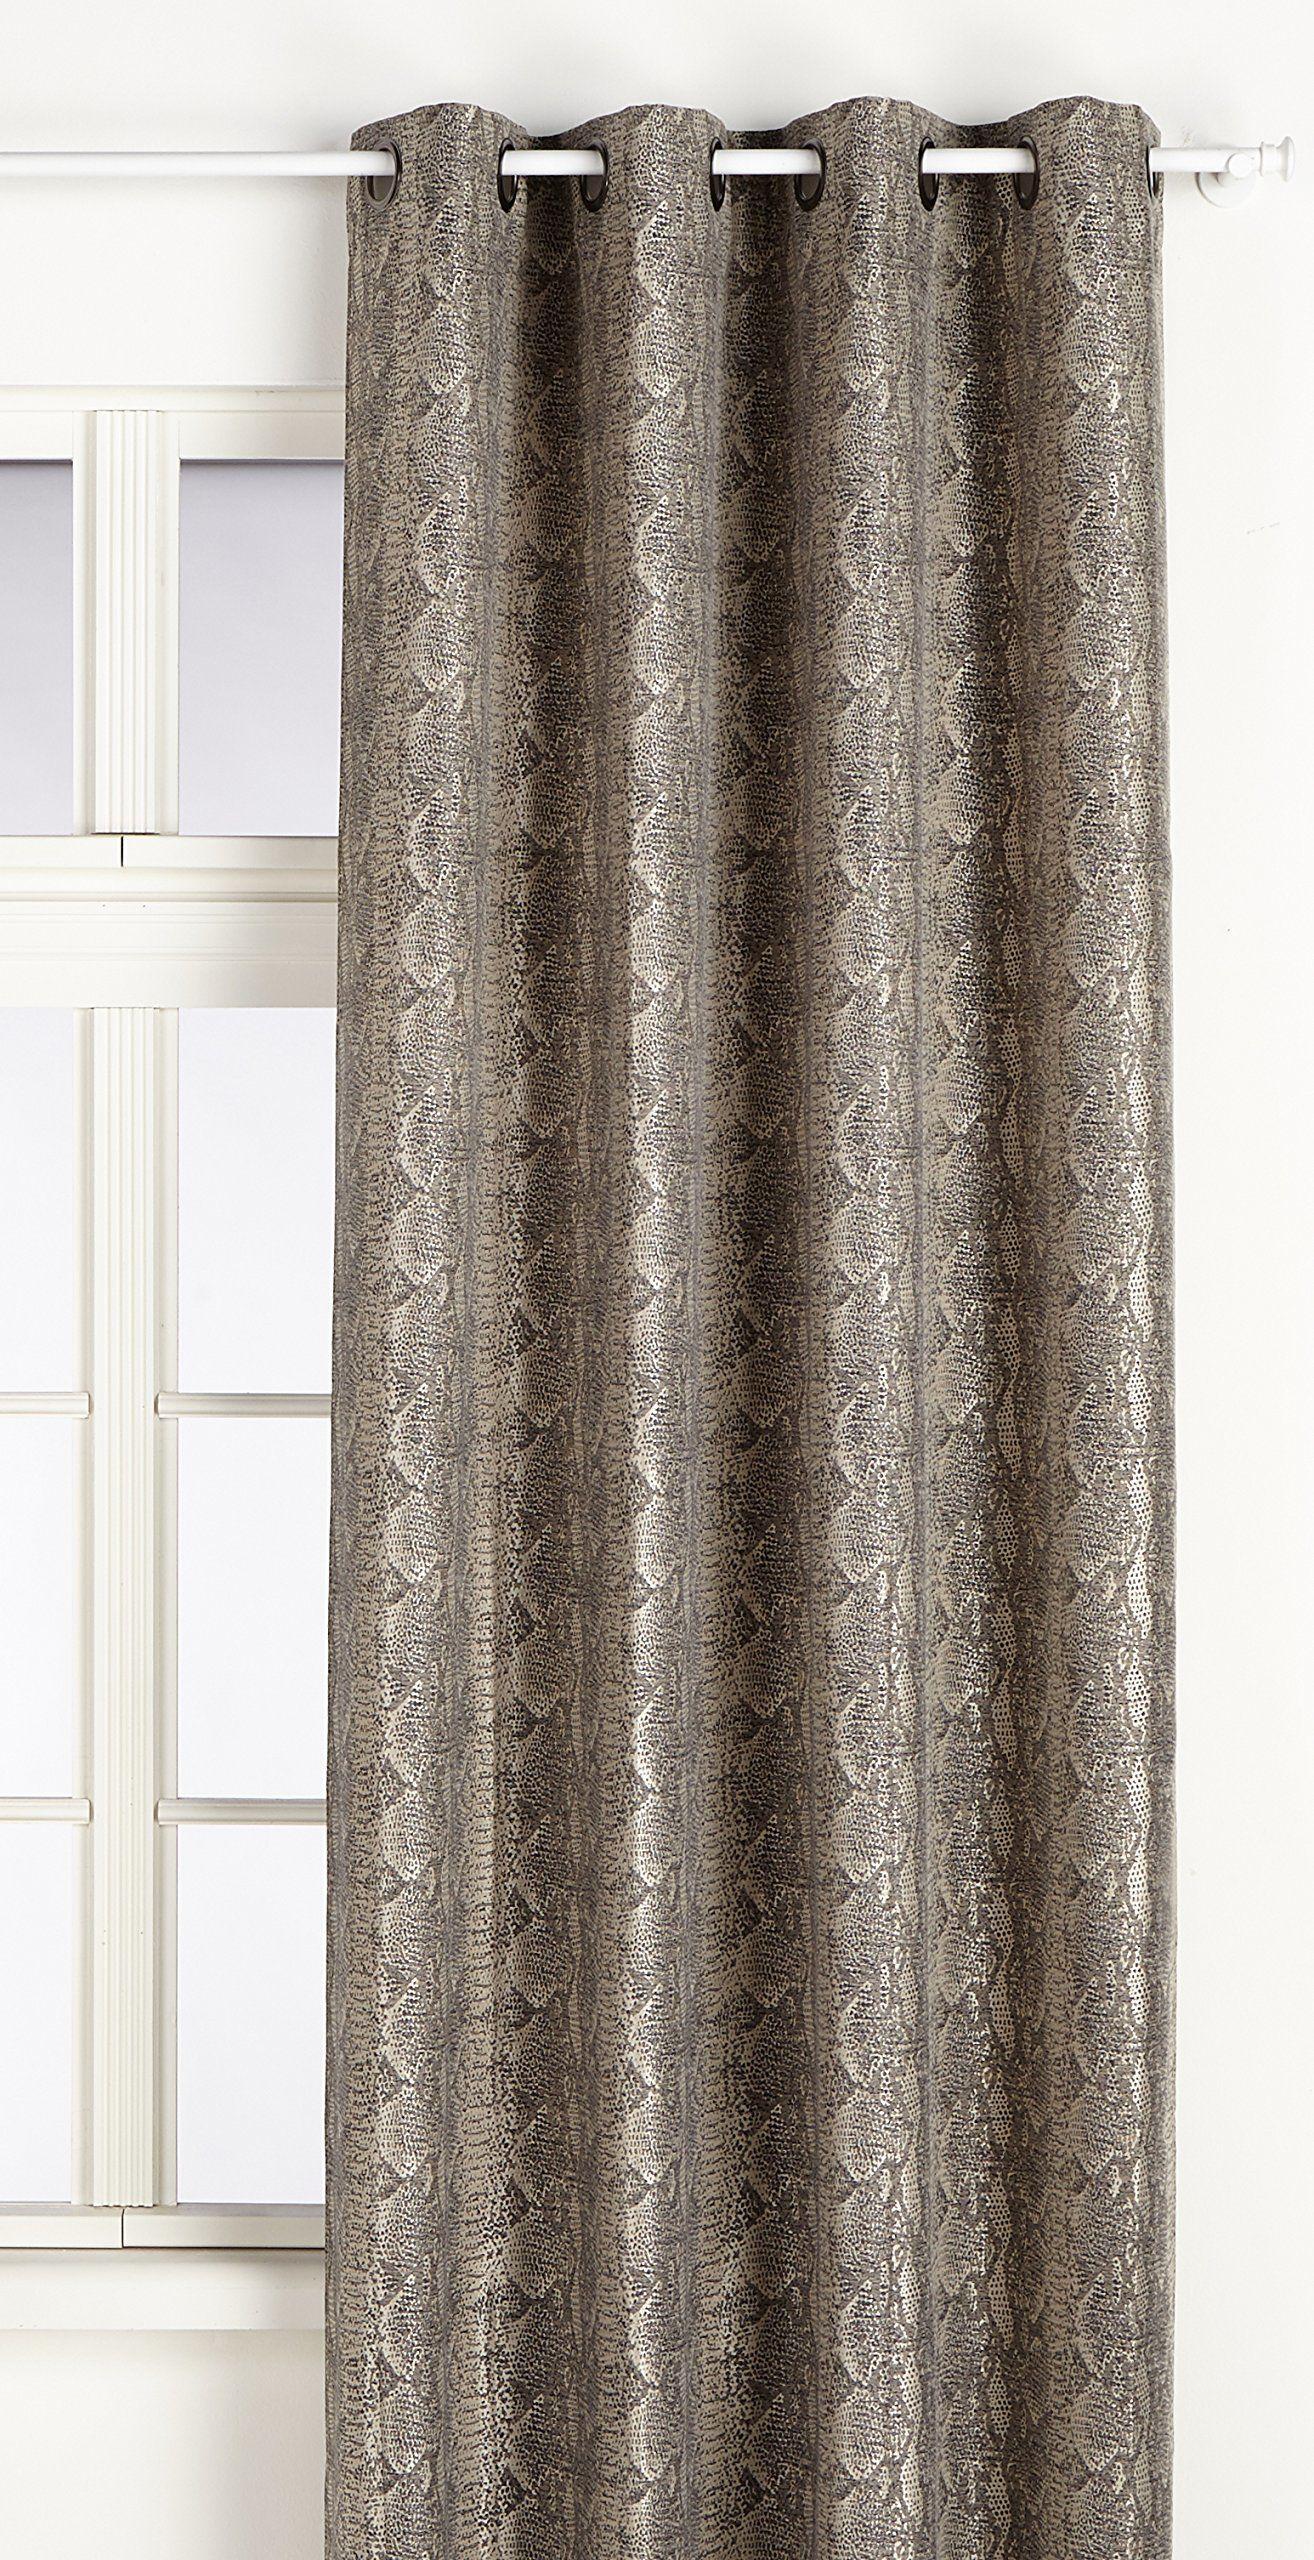 Home Maison 09340-8-AL poduszka z żakardowym motywem, 140 x 260 cm, szara